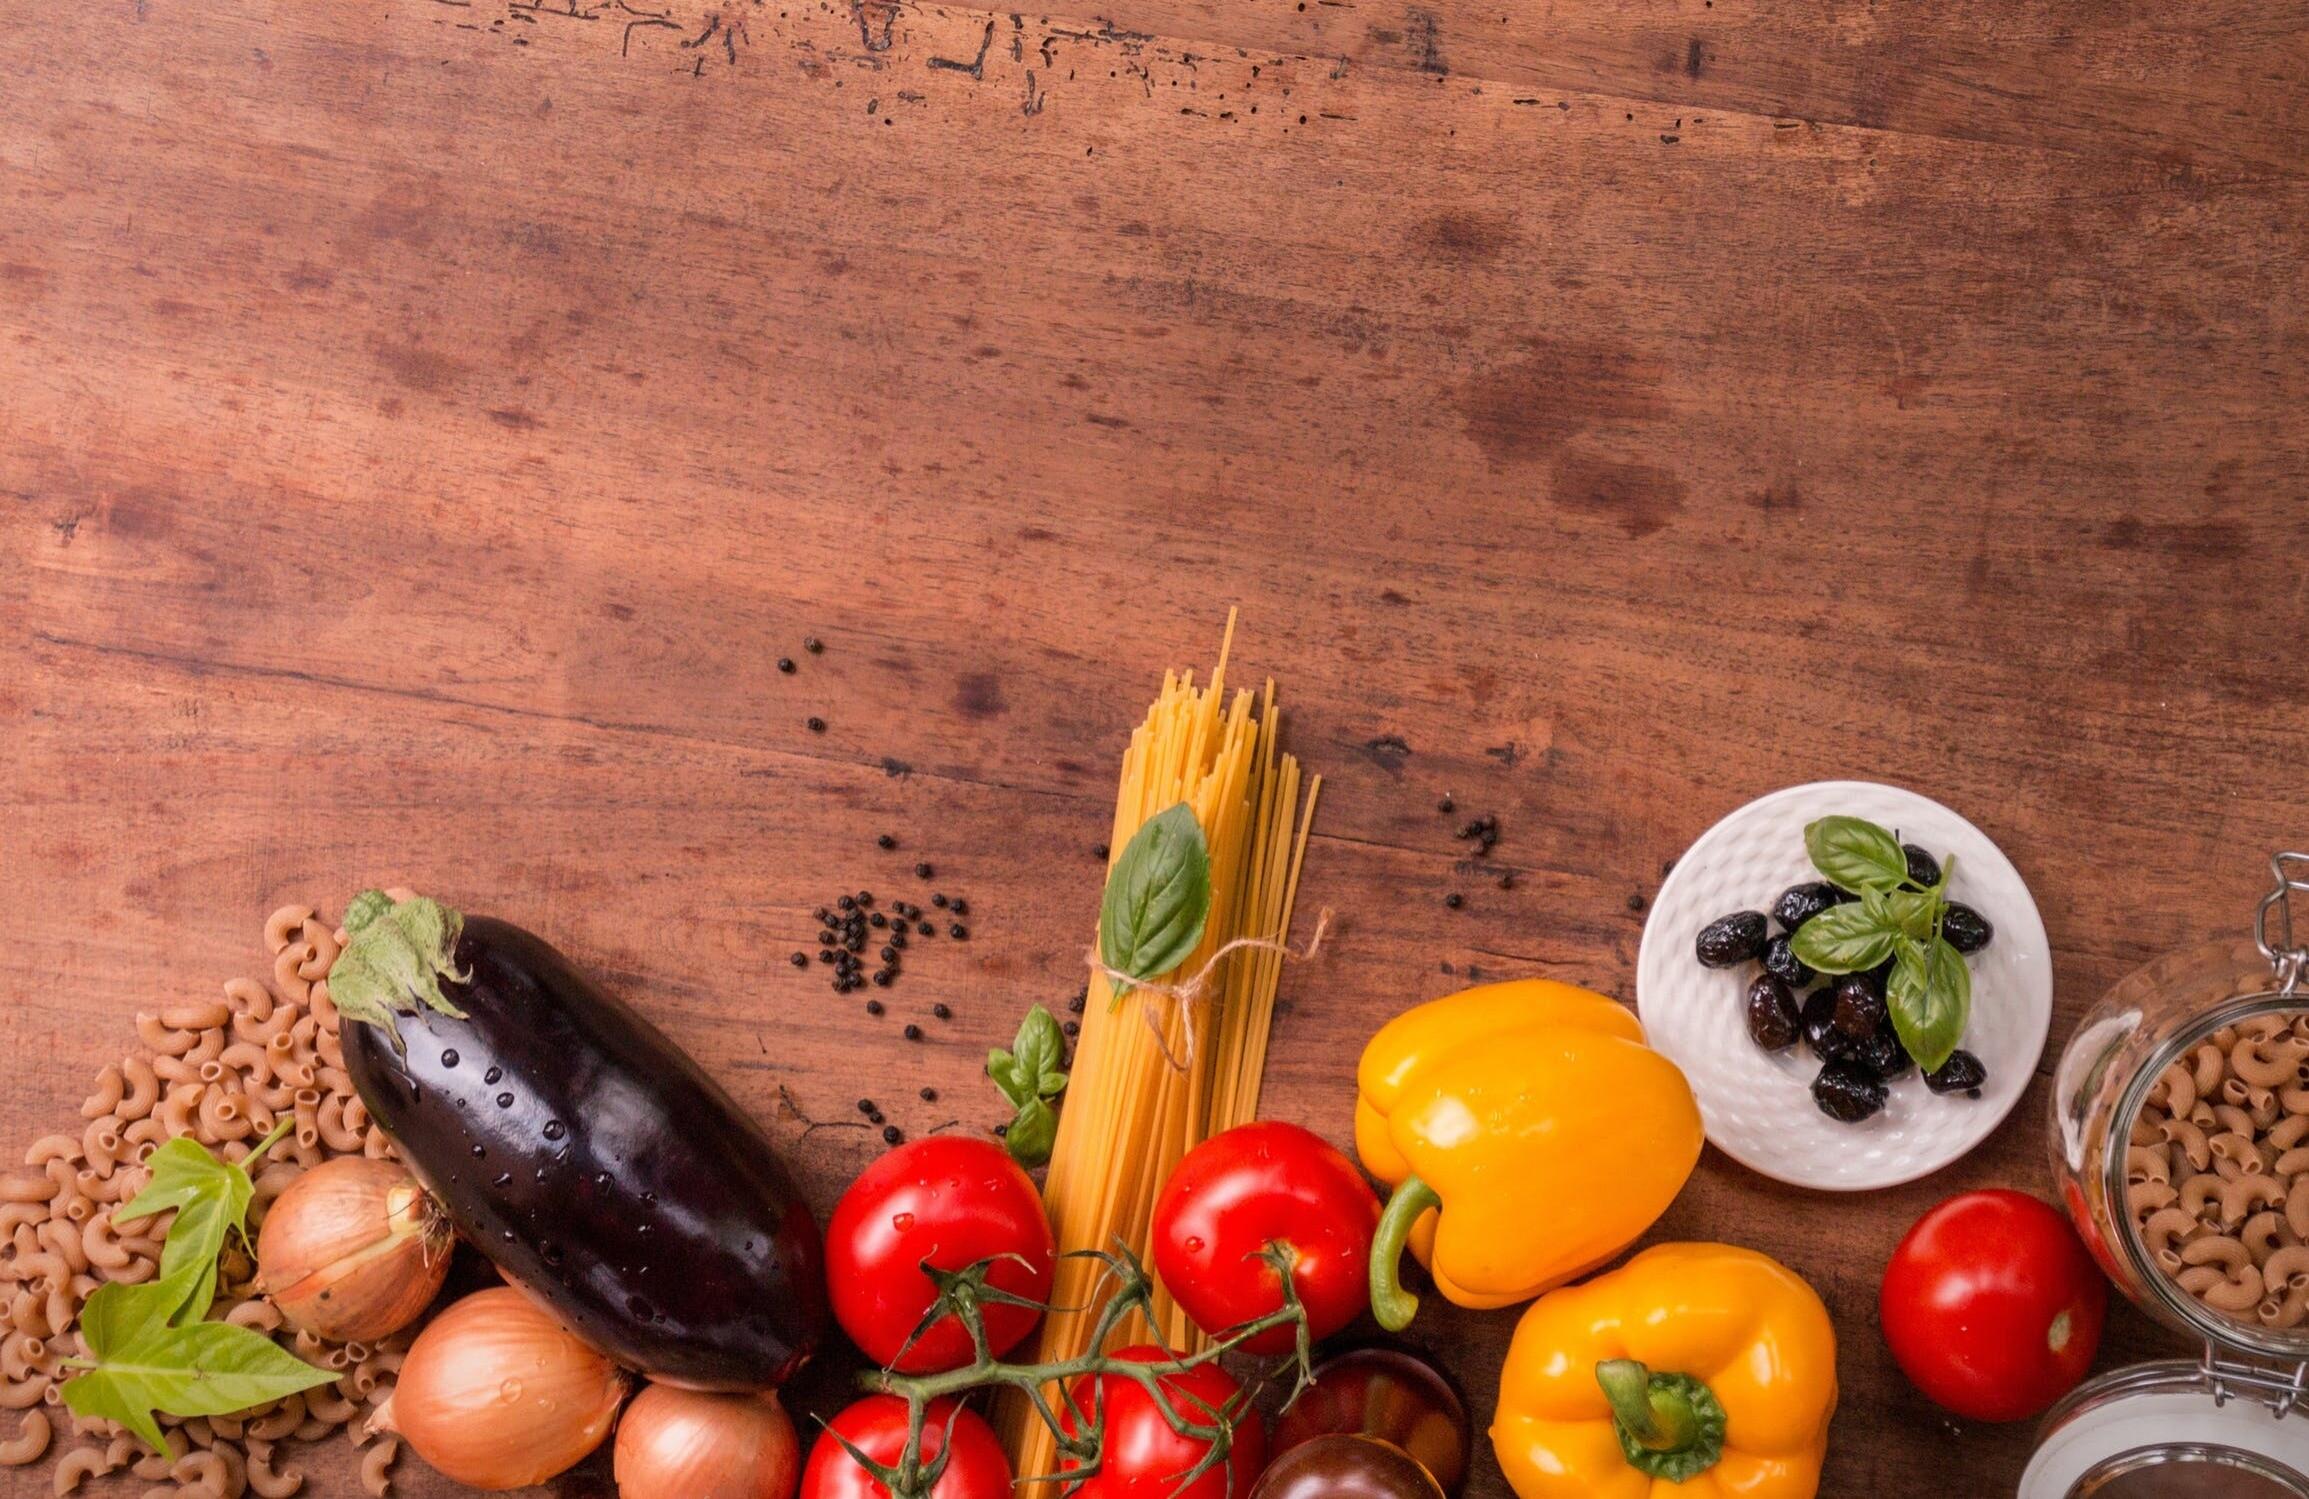 Полезная витаминная диета для похудения: примерное меню на неделю, отзывы и результаты